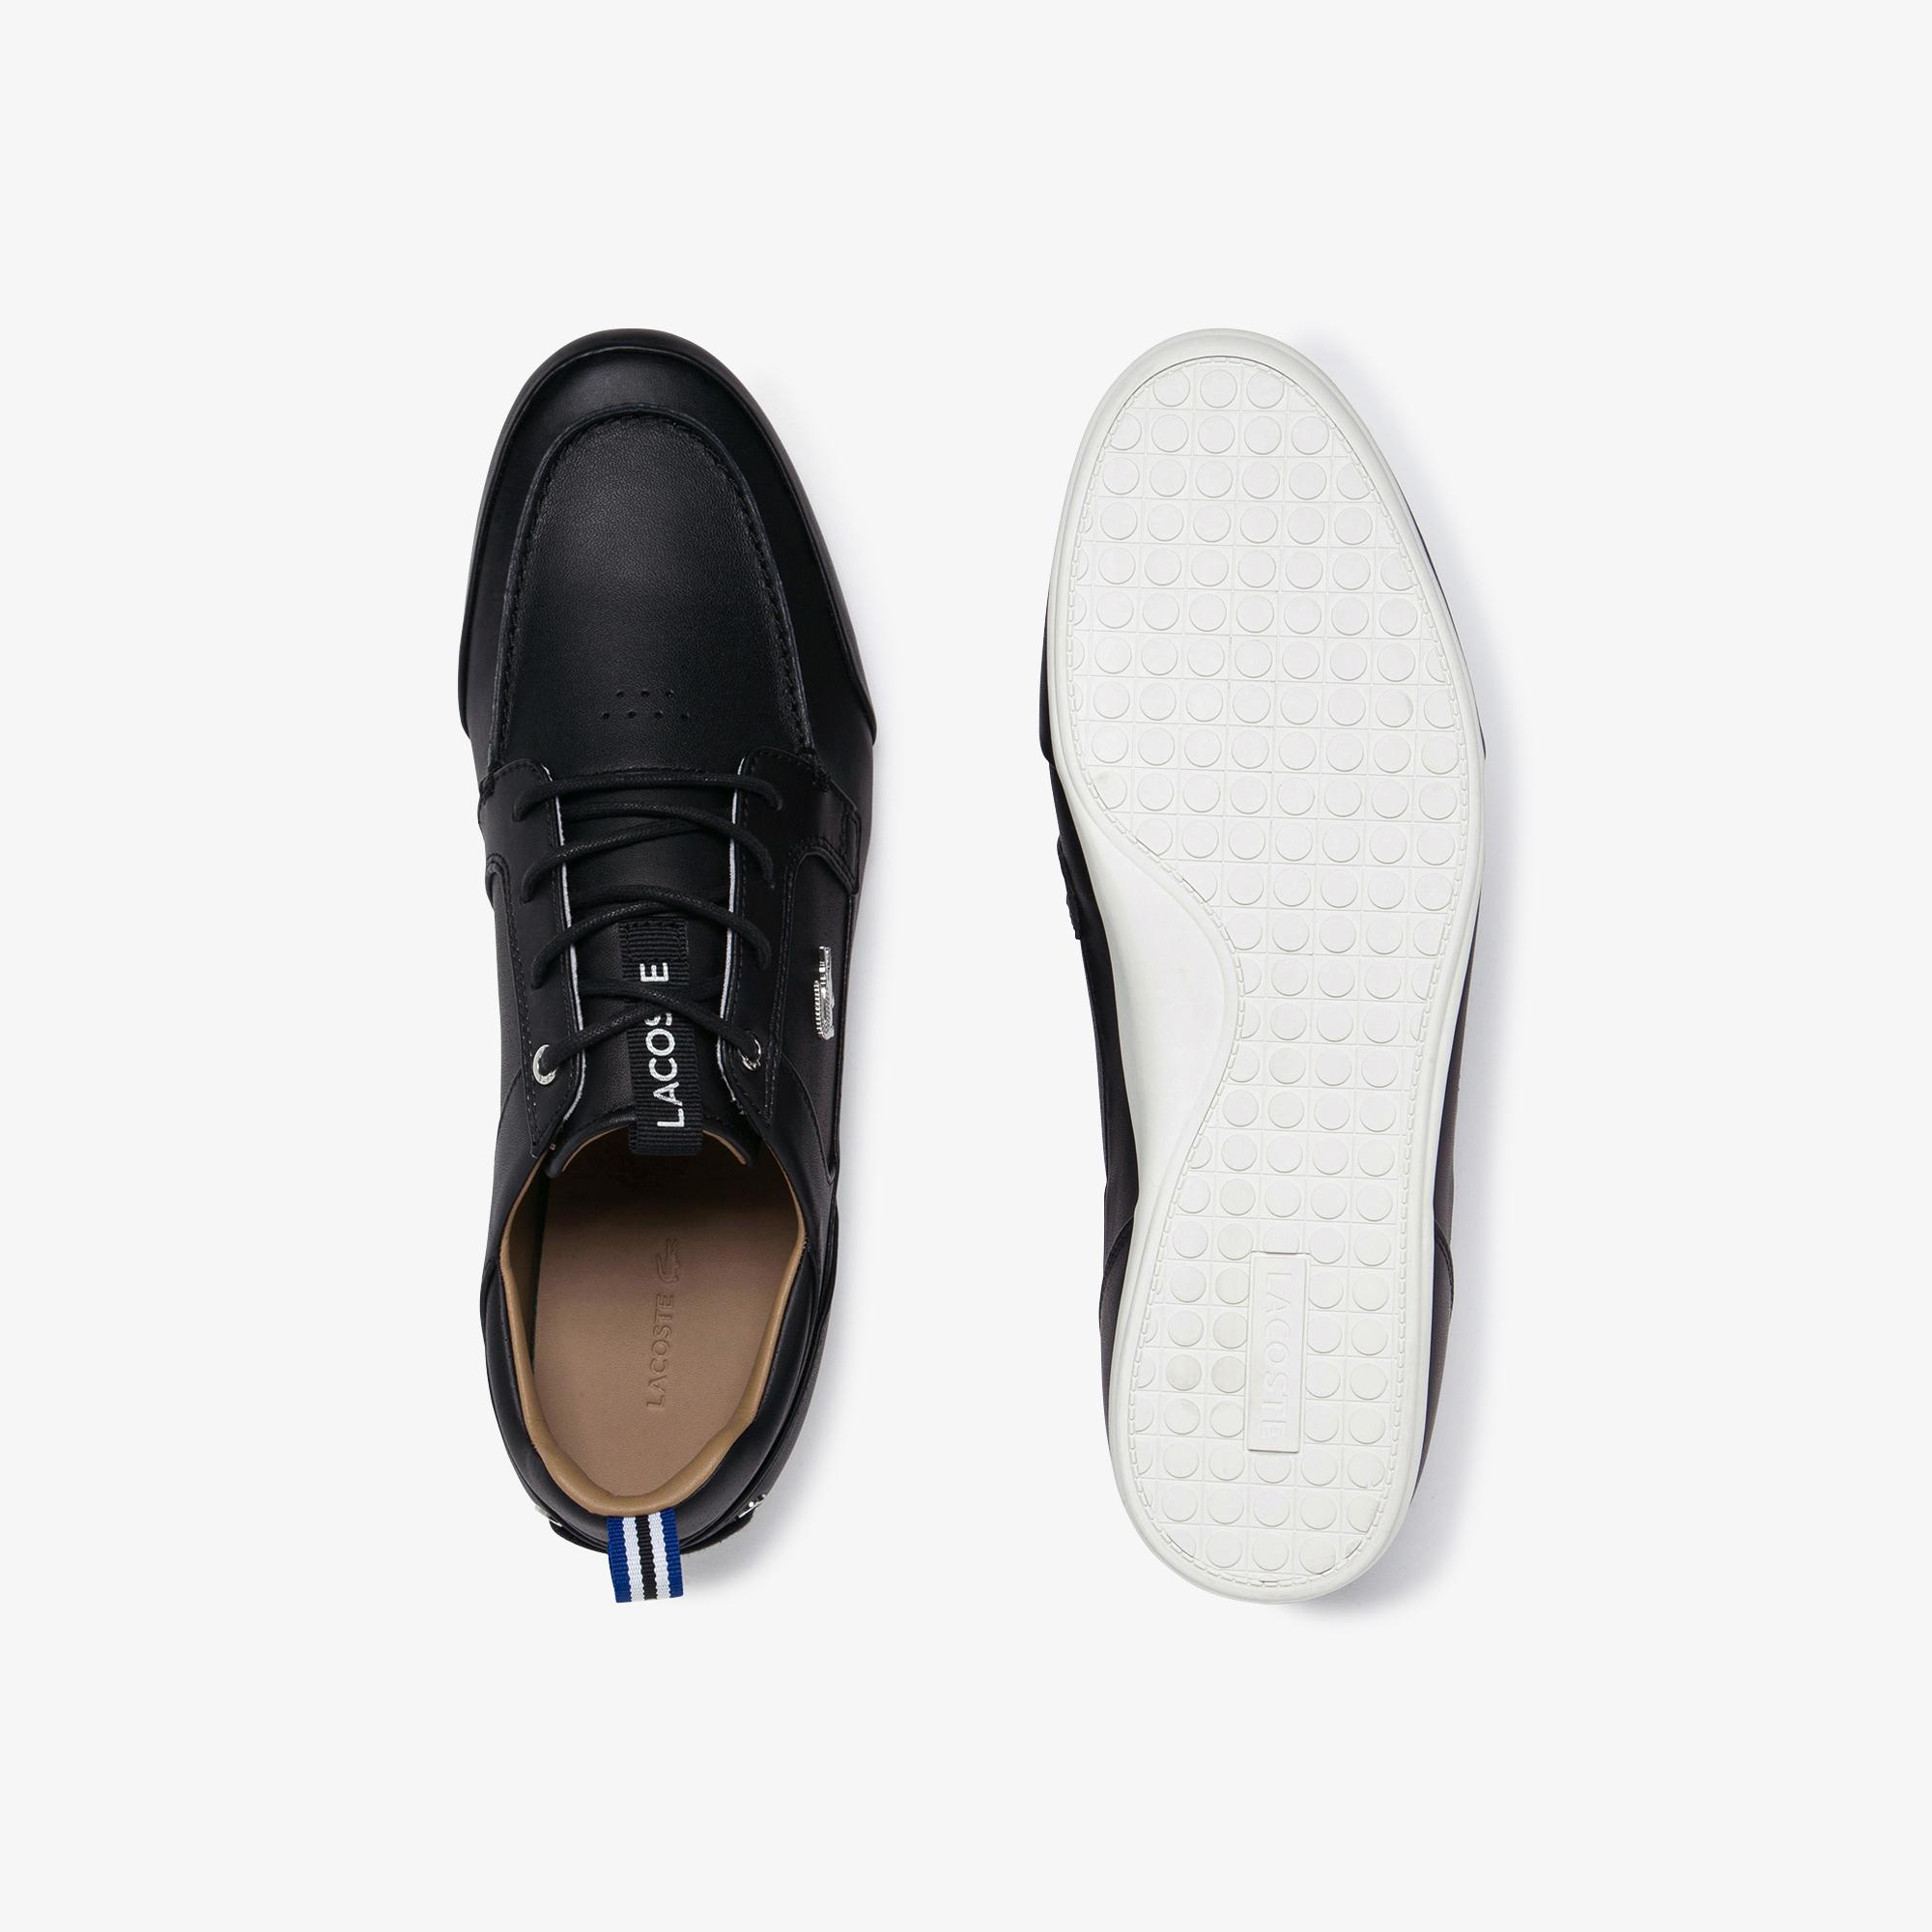 Lacoste Marina 120 1 Us Cma Erkek Siyah  Deri Casual Ayakkabı